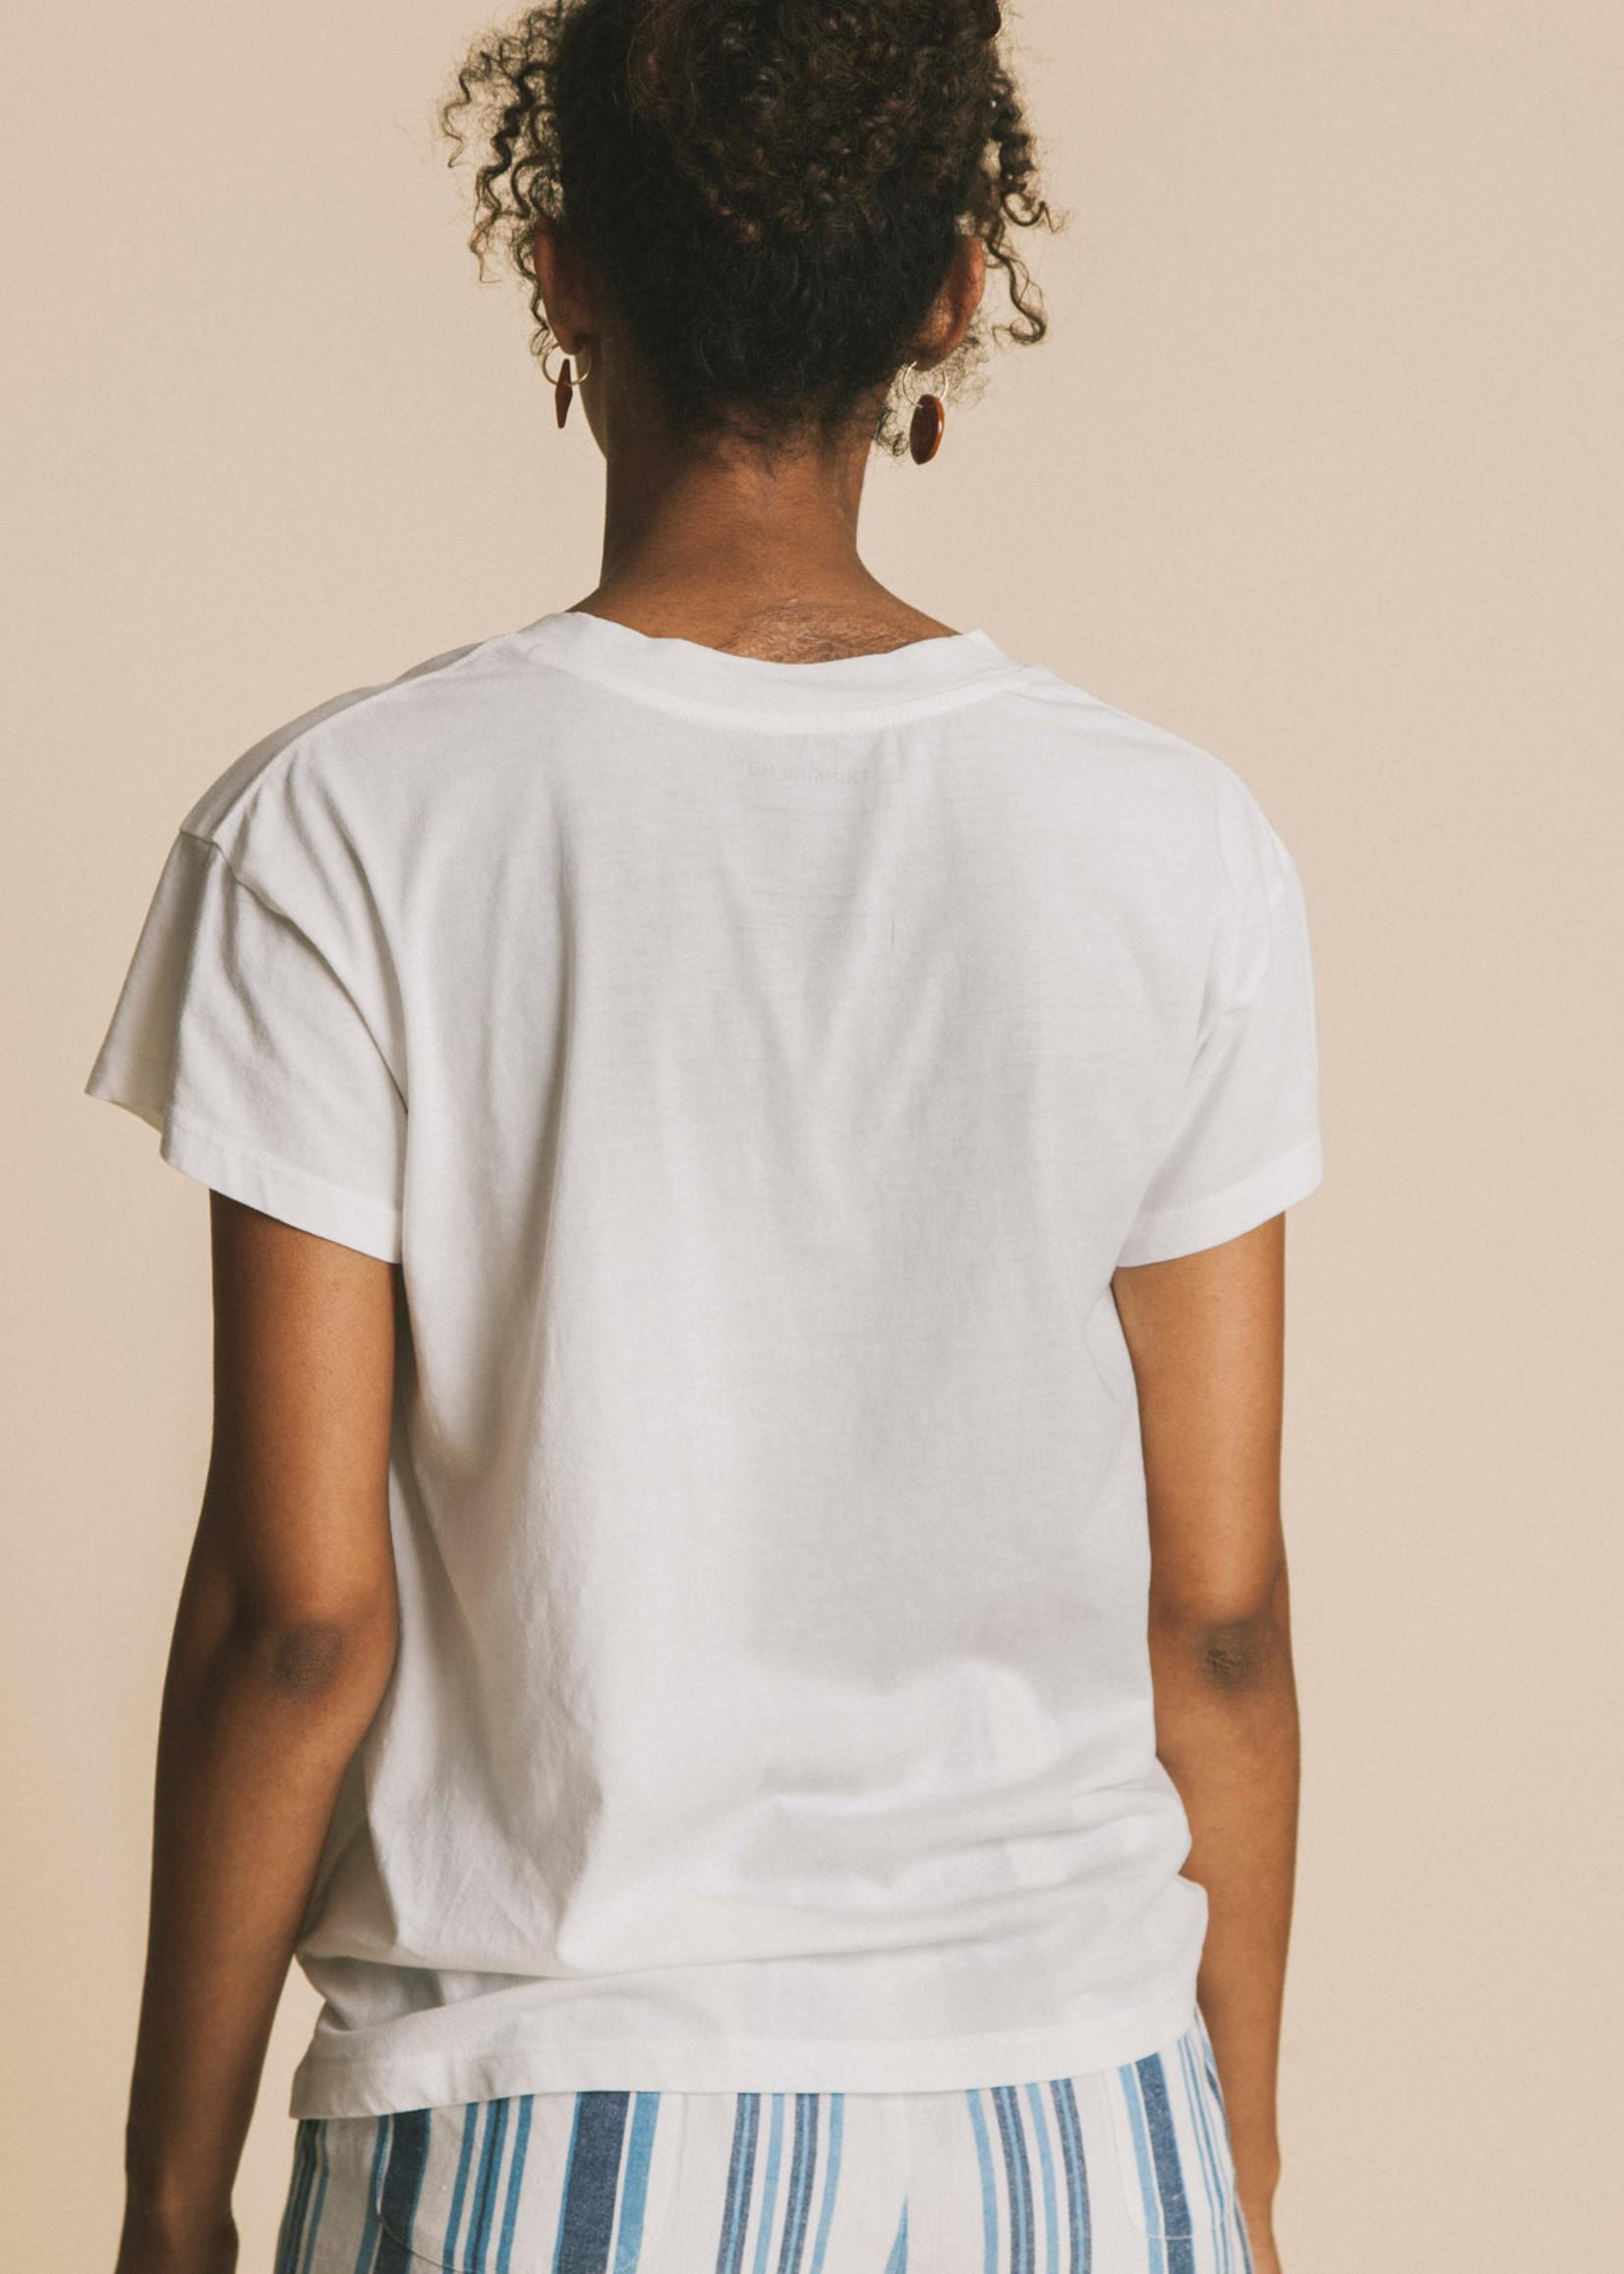 Thinking Mu Blues For Mama T-shirt